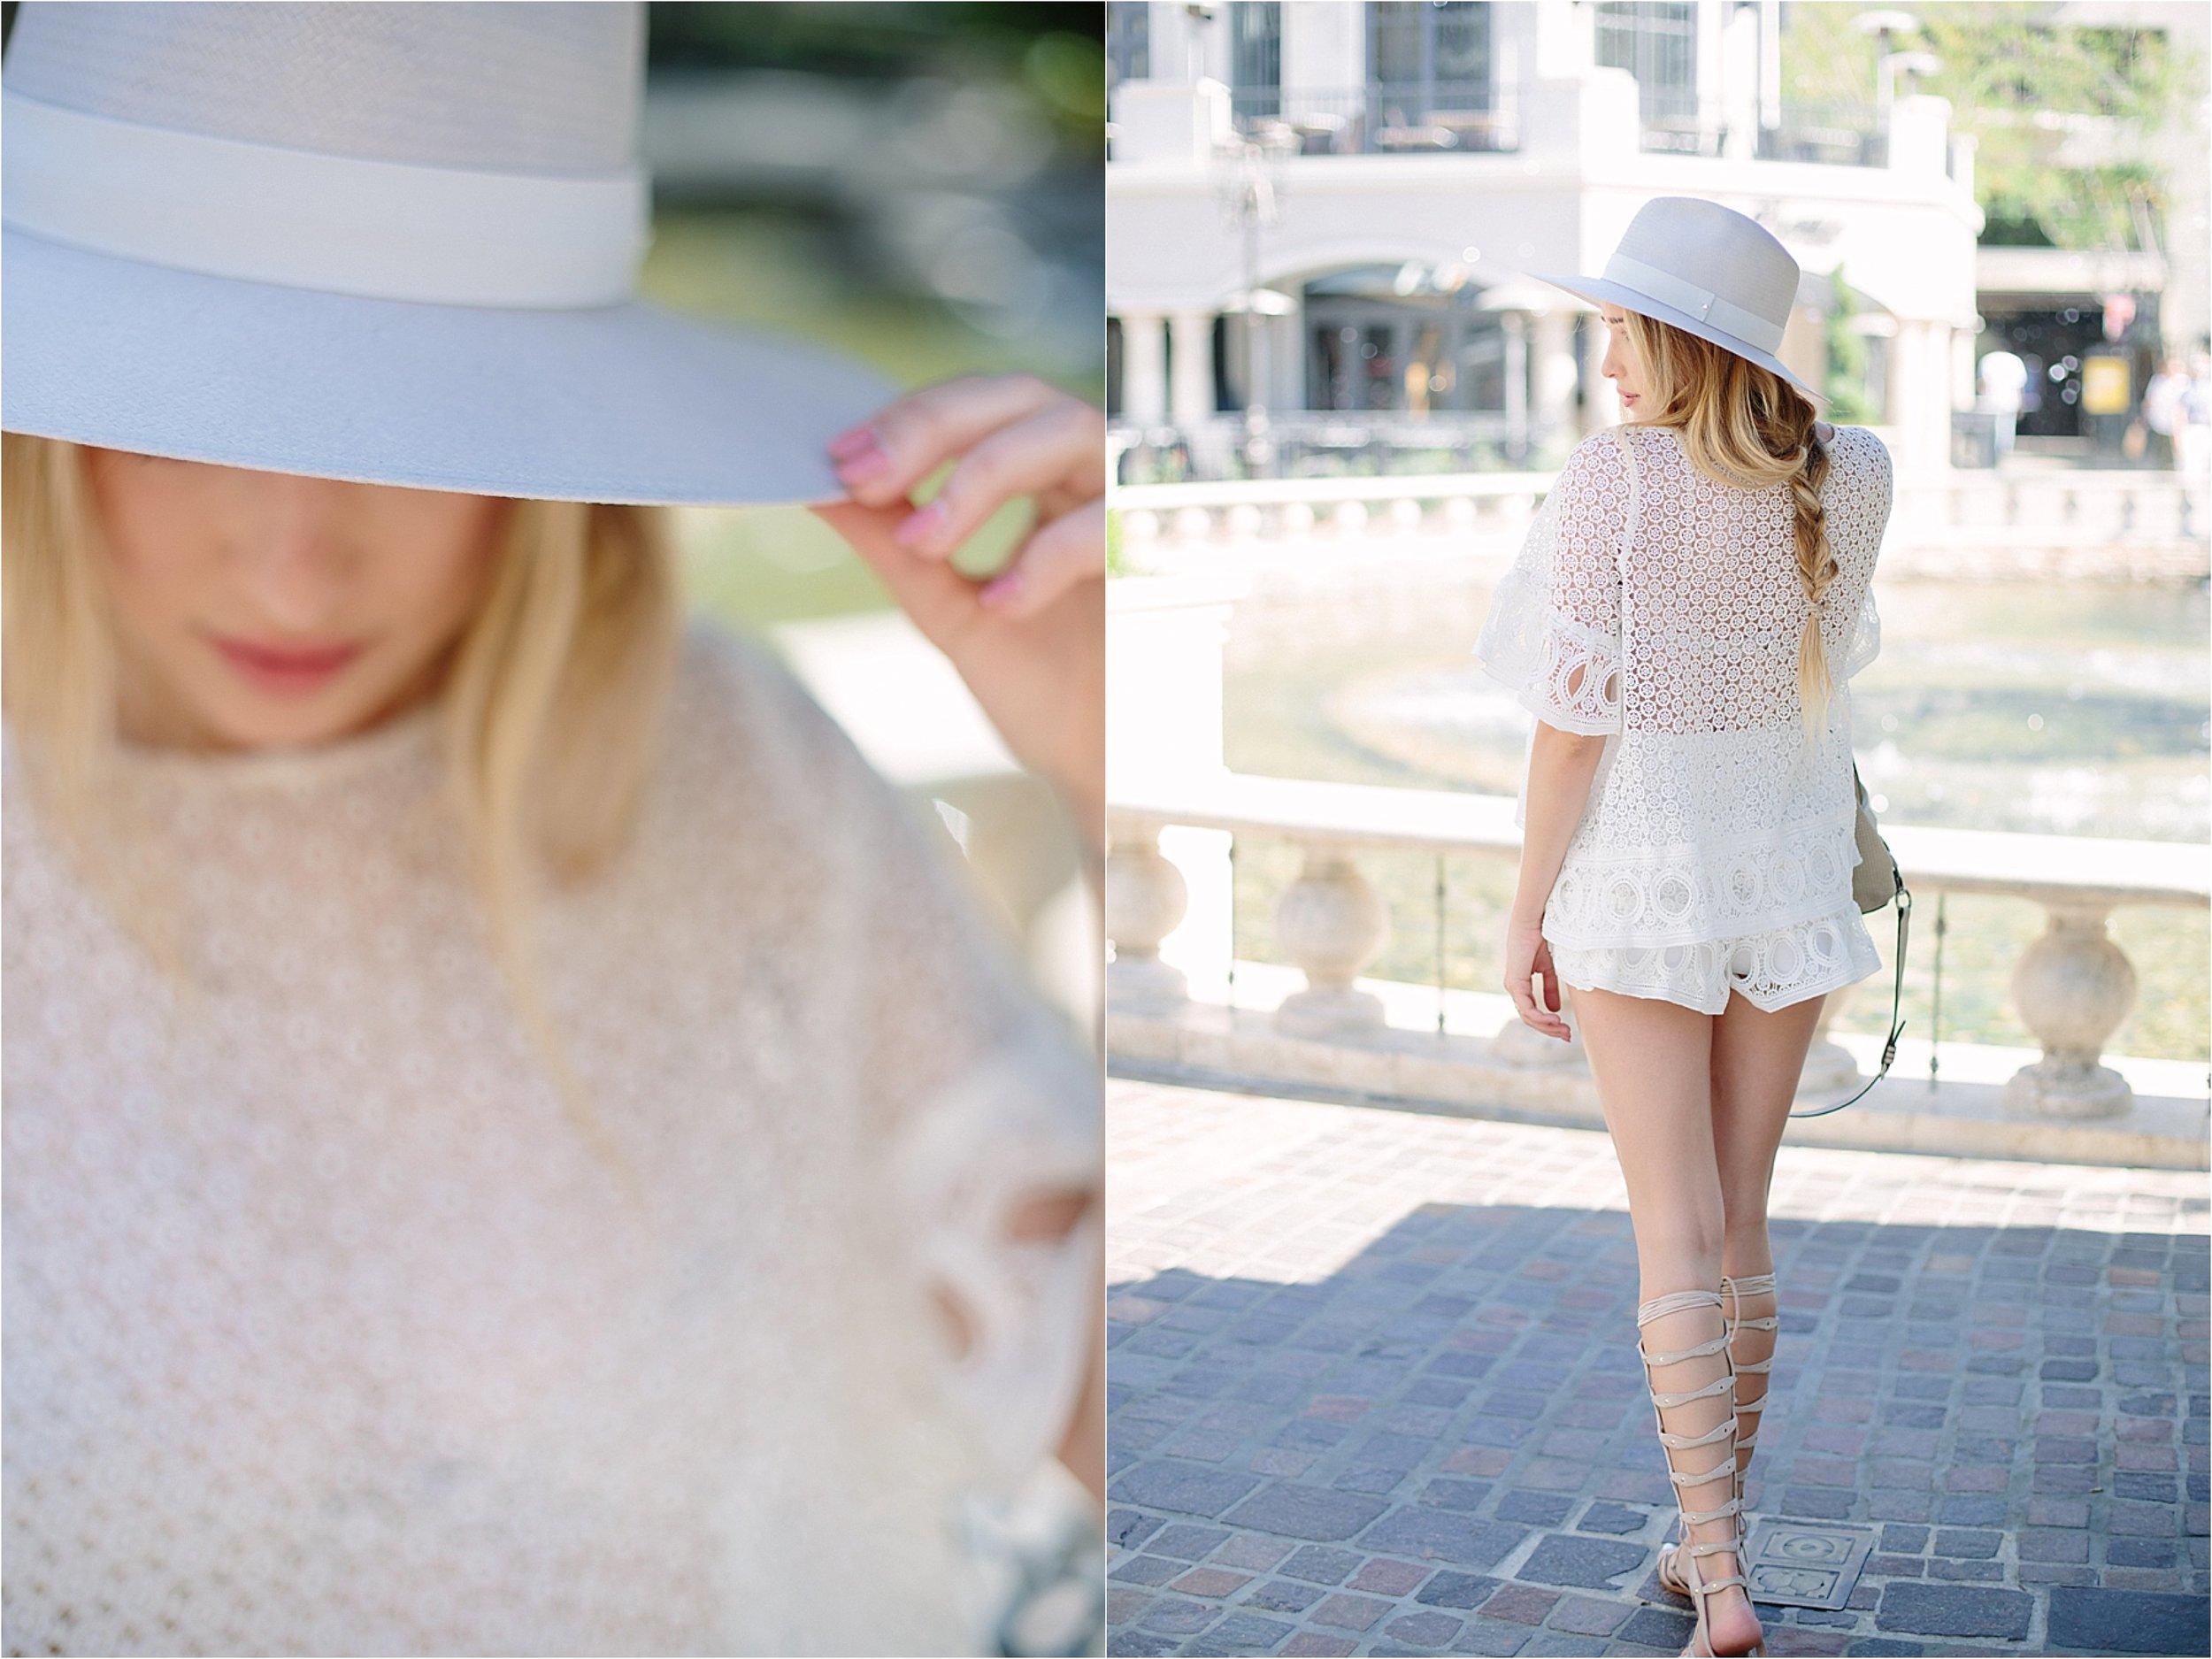 Los Angeles ShopBop Fashion Photo